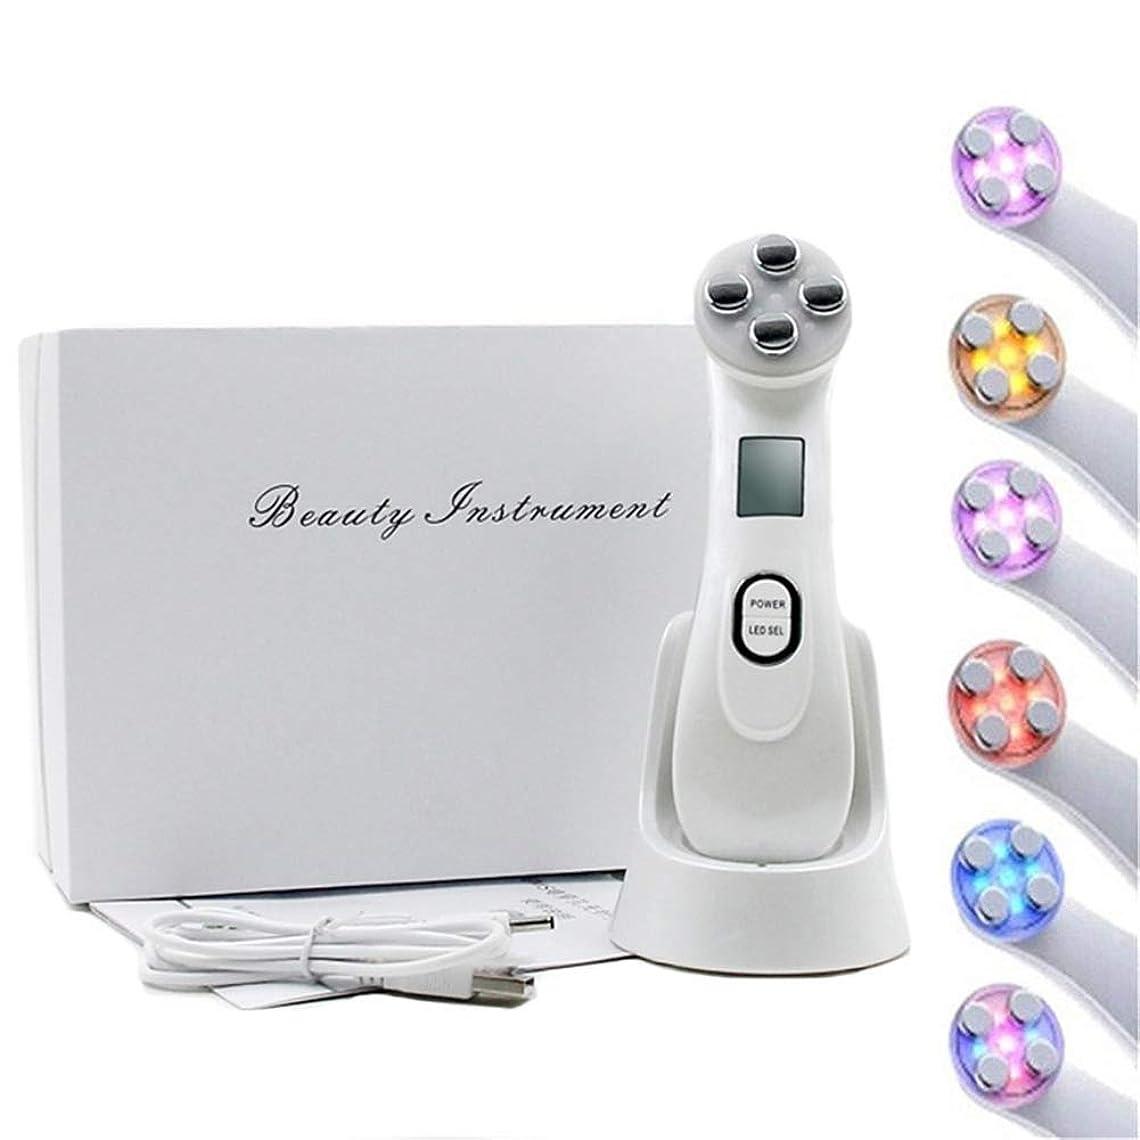 立方体ボックス一時的顔の皮膚EMS医療電気RF無線周波数無線周波数顔のスキンケア機器顔のリフティング引き締め美容機